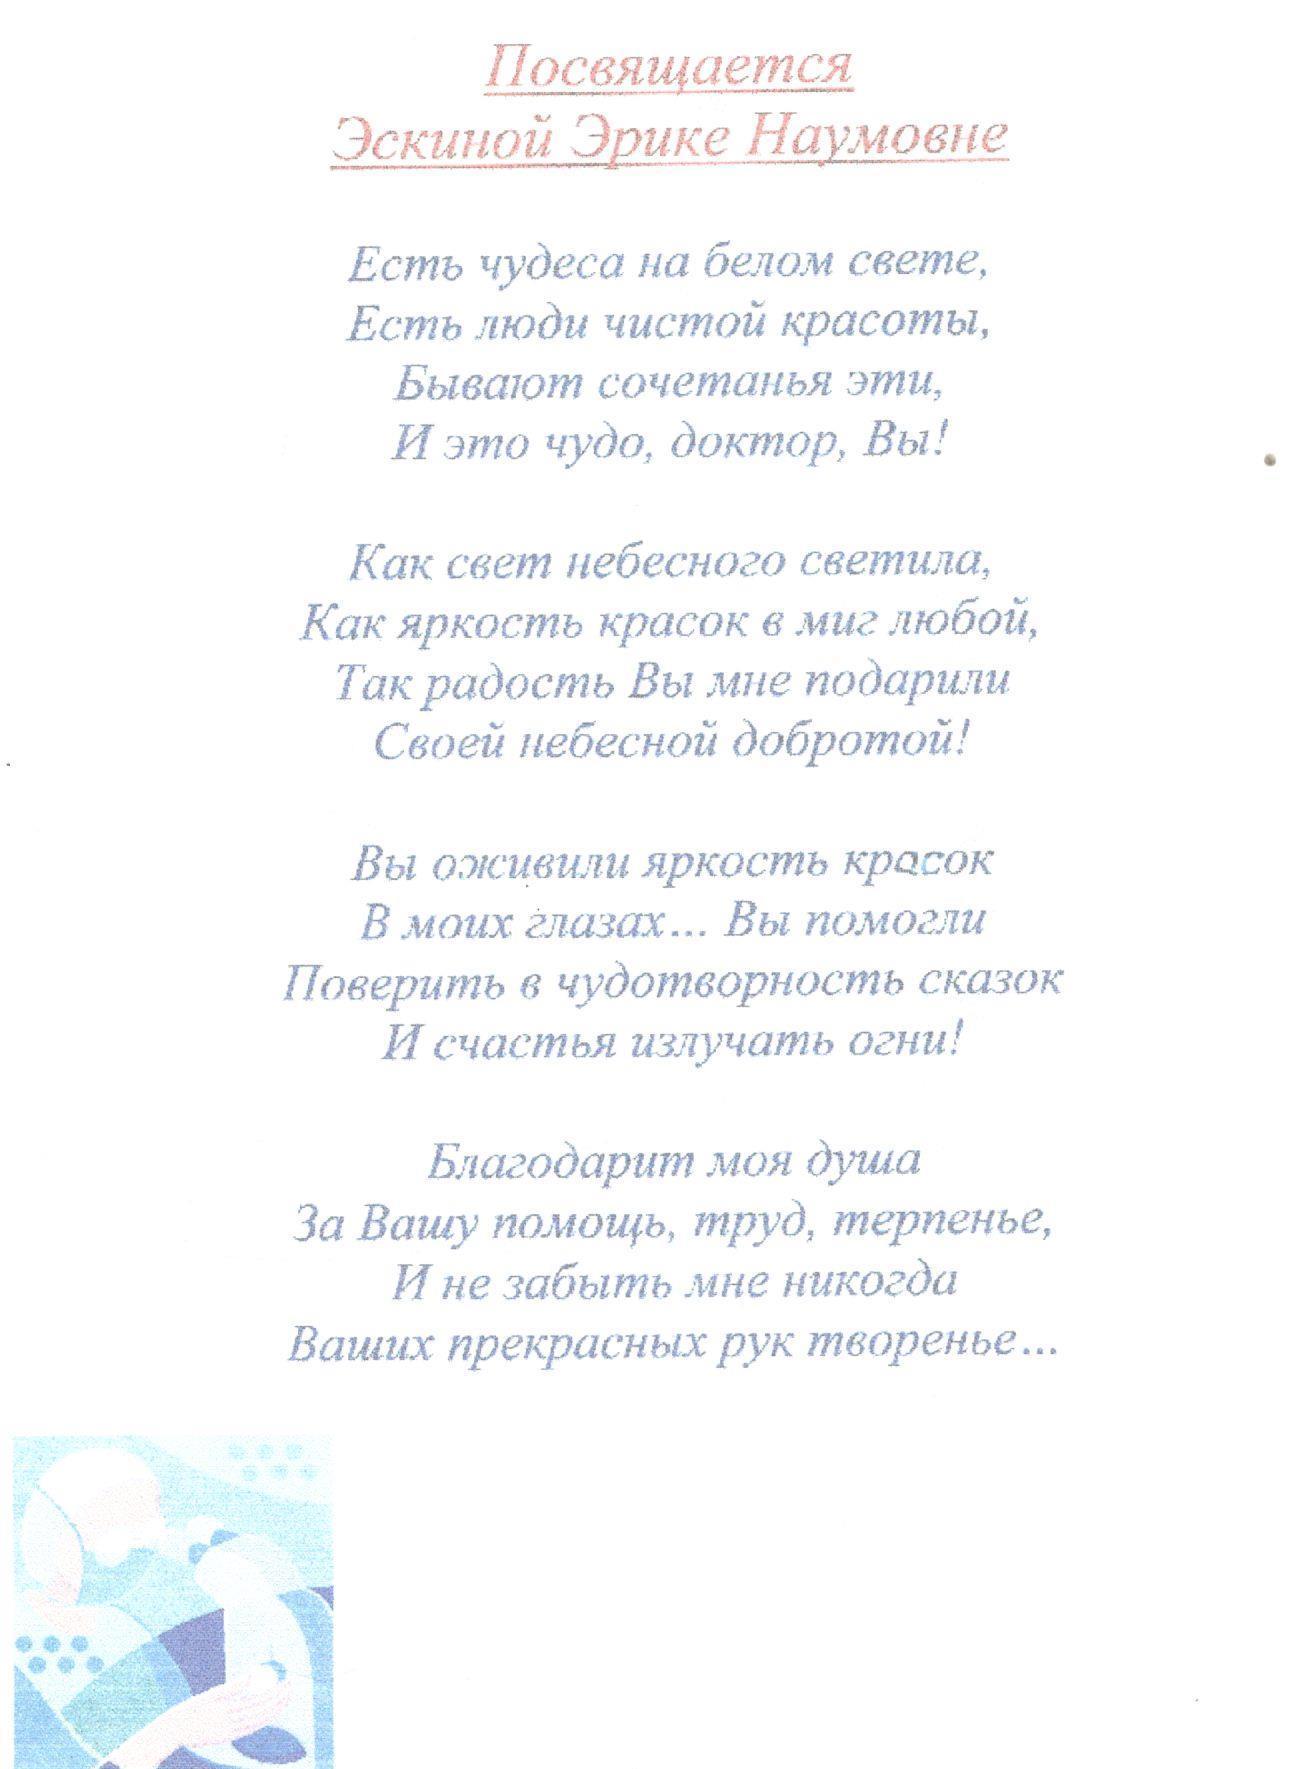 Стихи о лечении катаракты